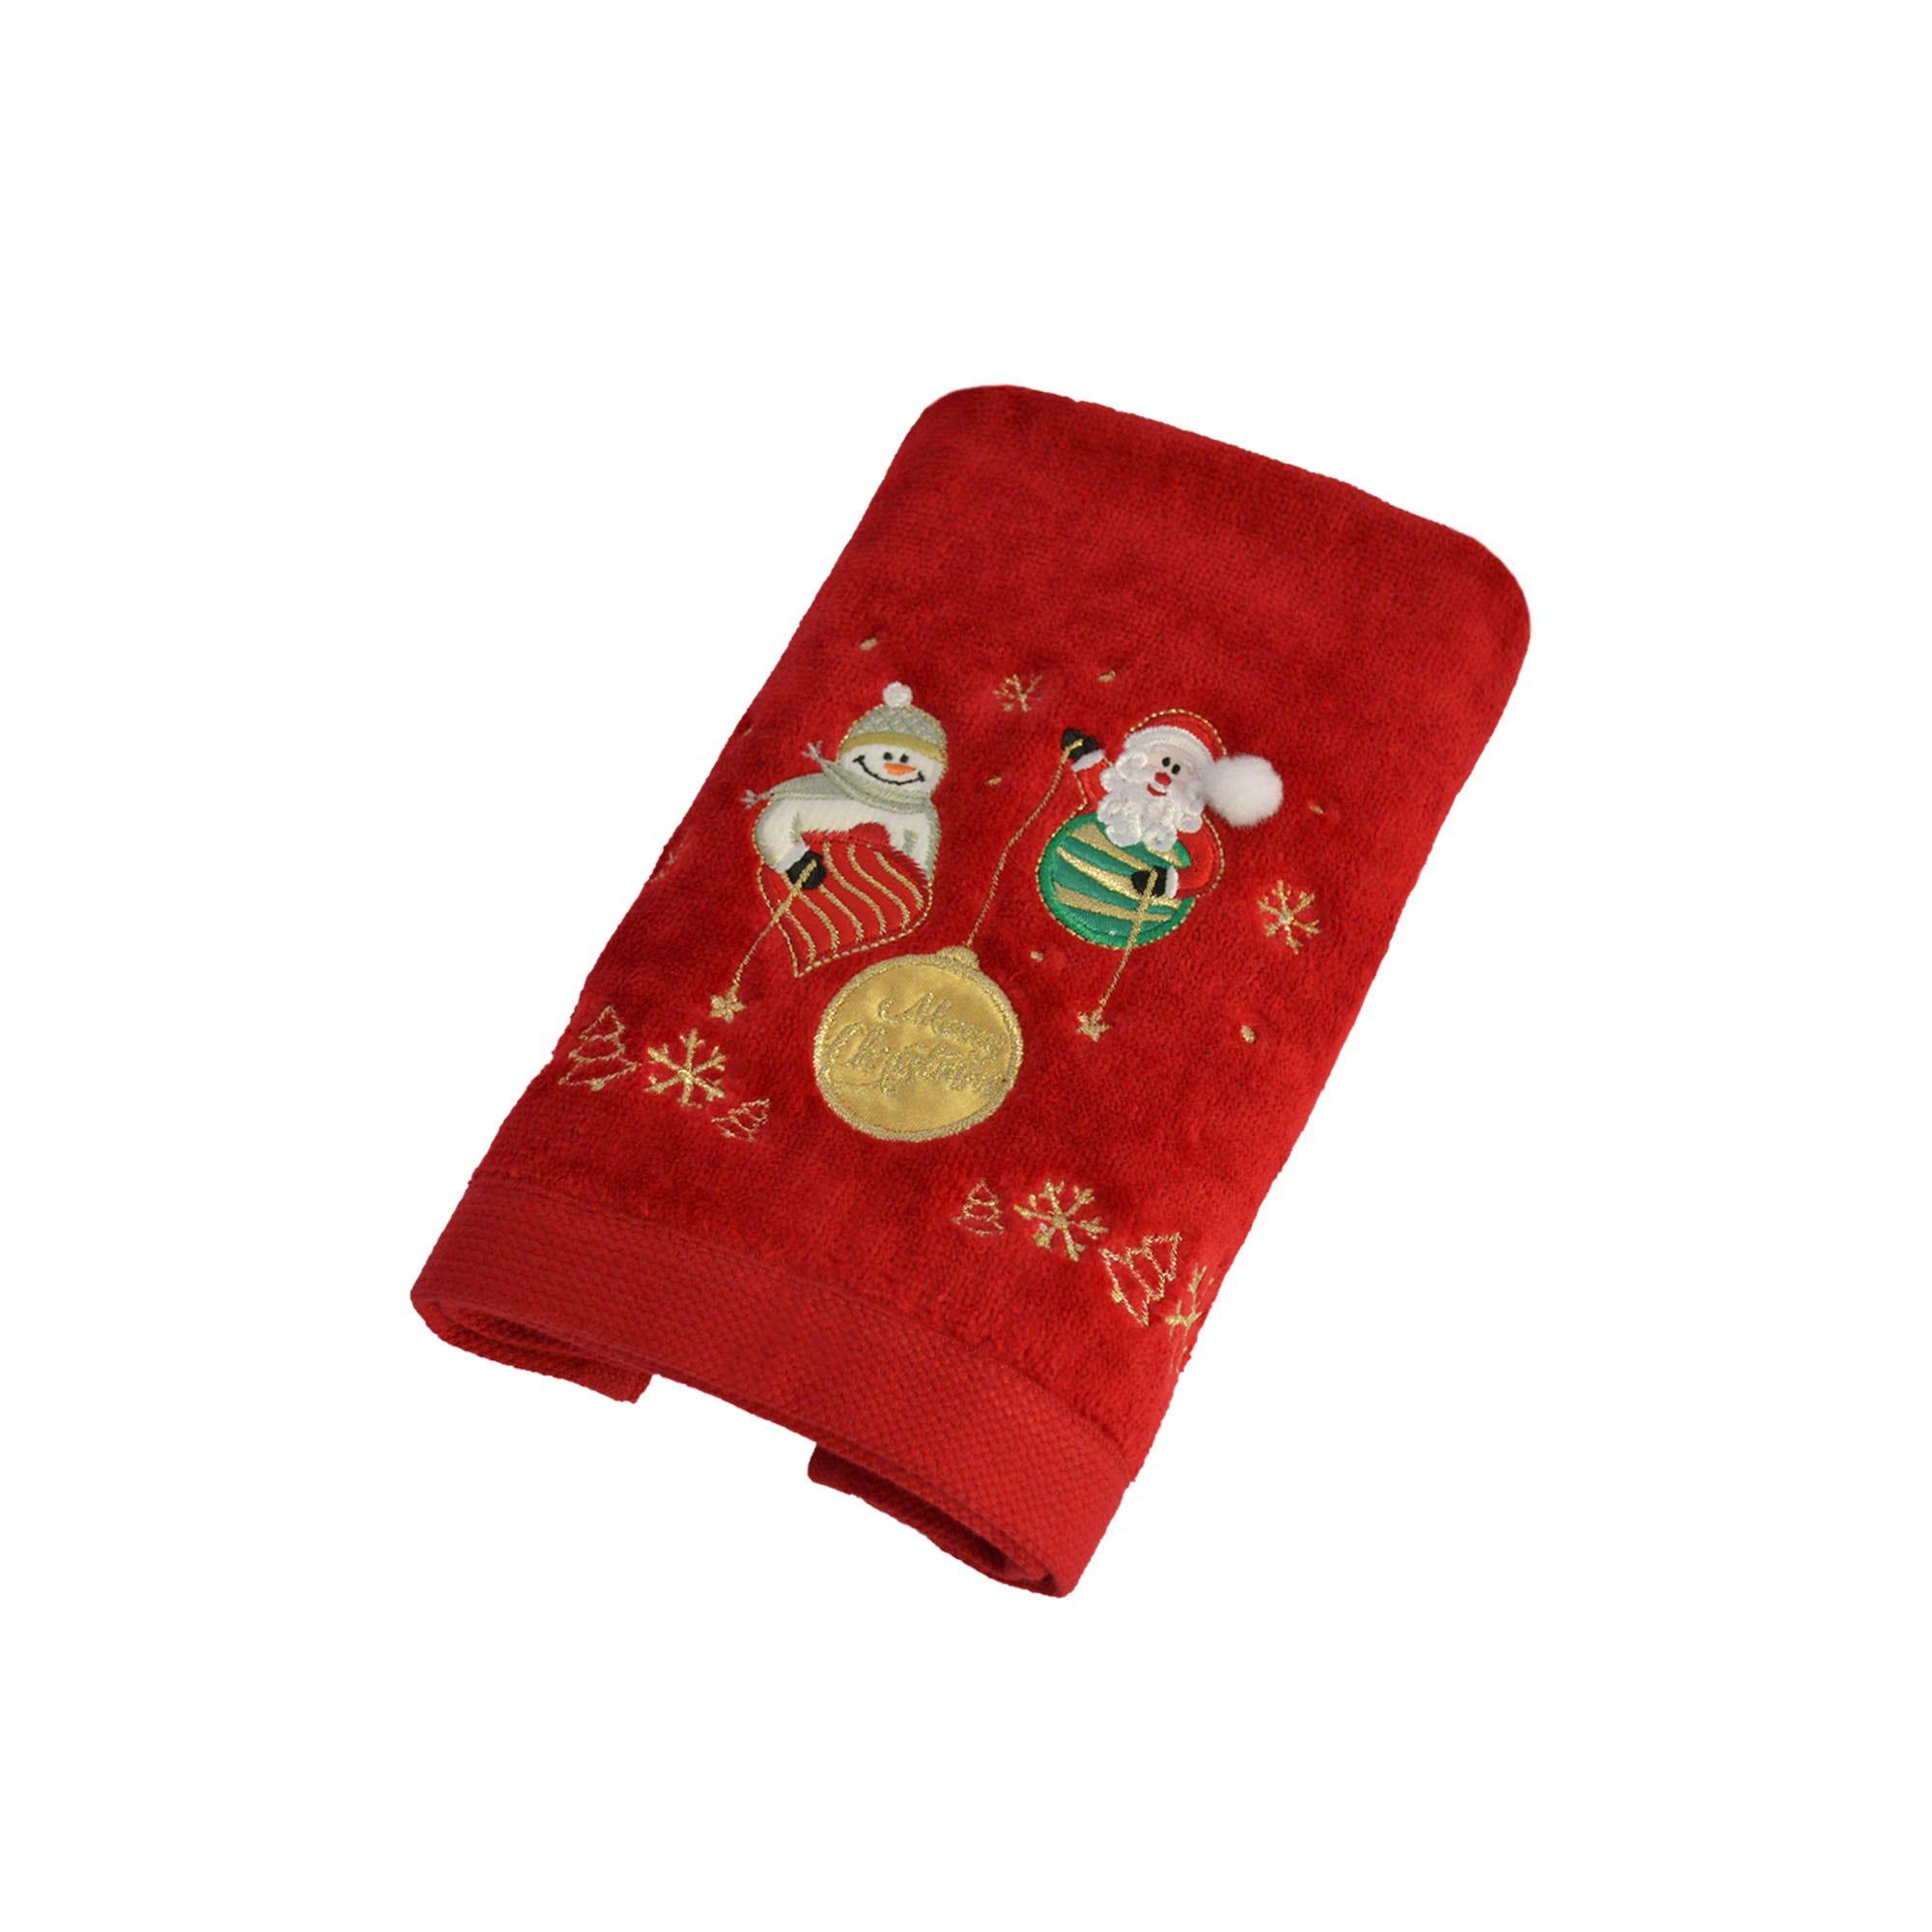 Toalla facial de algodón Santa's Friend Snow color rojo